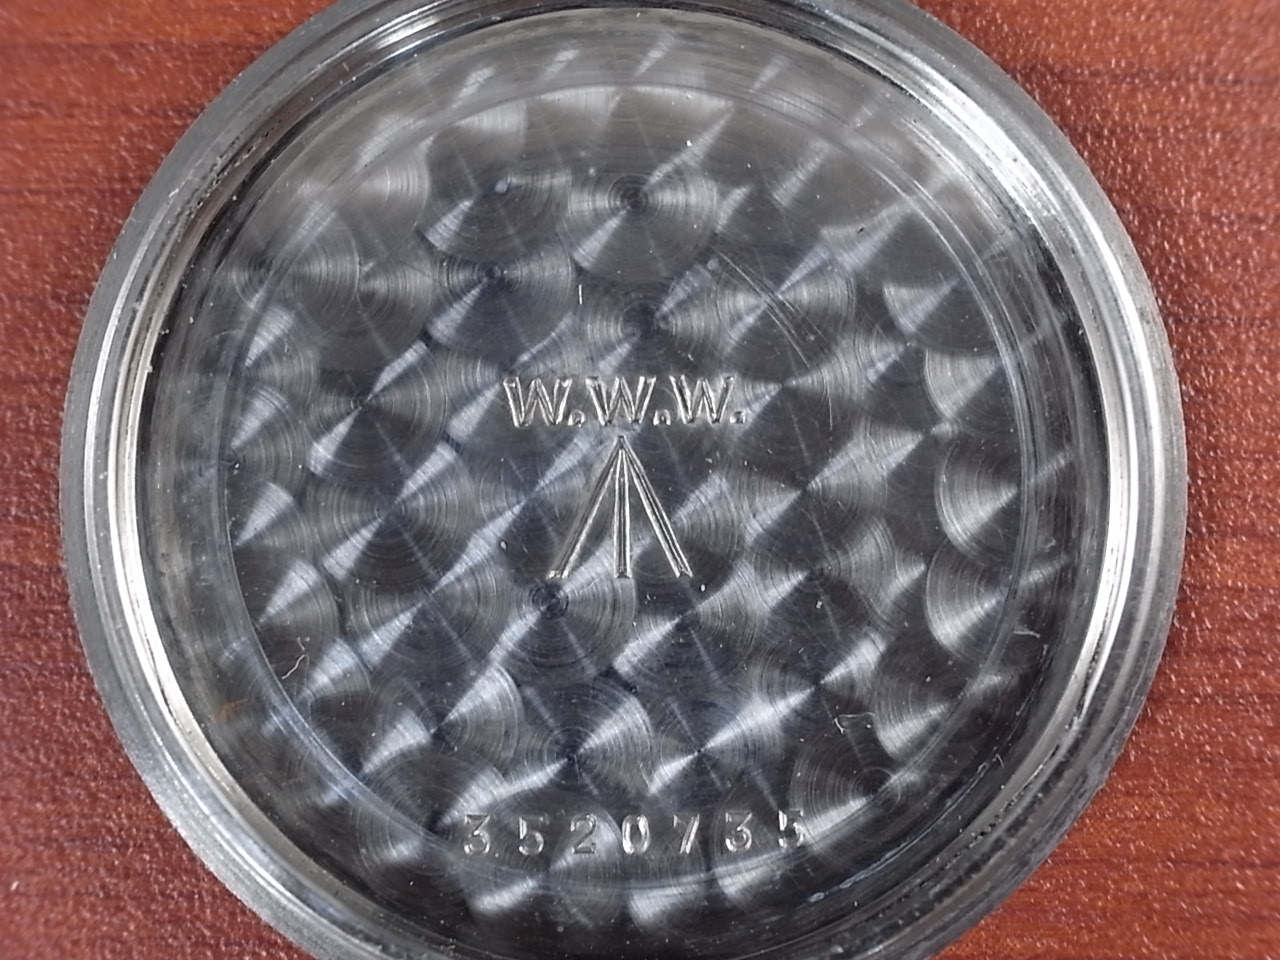 バーテックス 軍用時計 英陸軍 W.W.W. 1940年代の写真6枚目